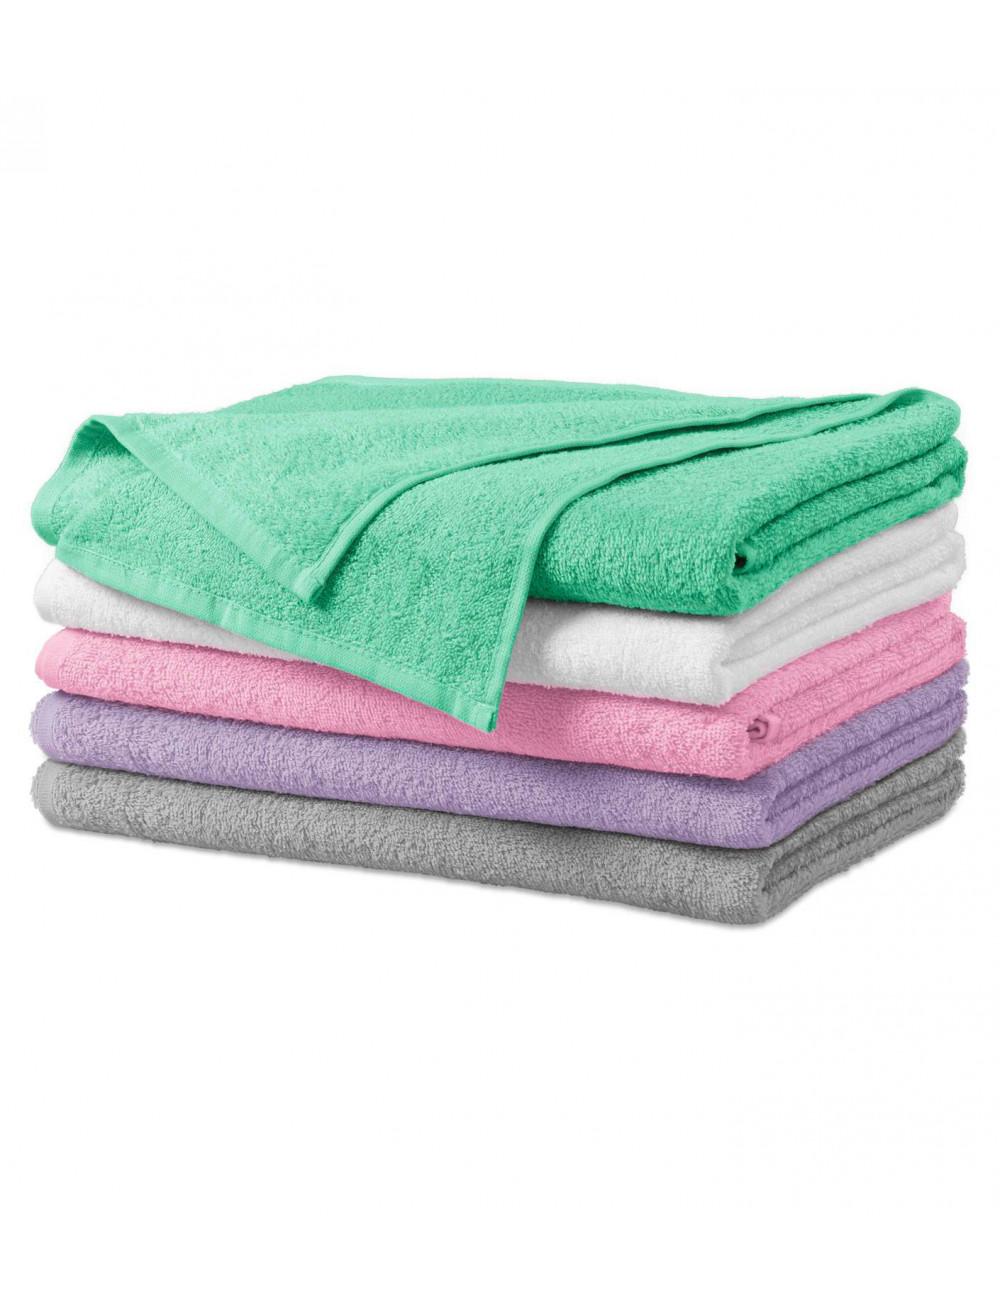 Adler MALFINI Ręcznik duży unisex Terry Bath Towel 909 różowy